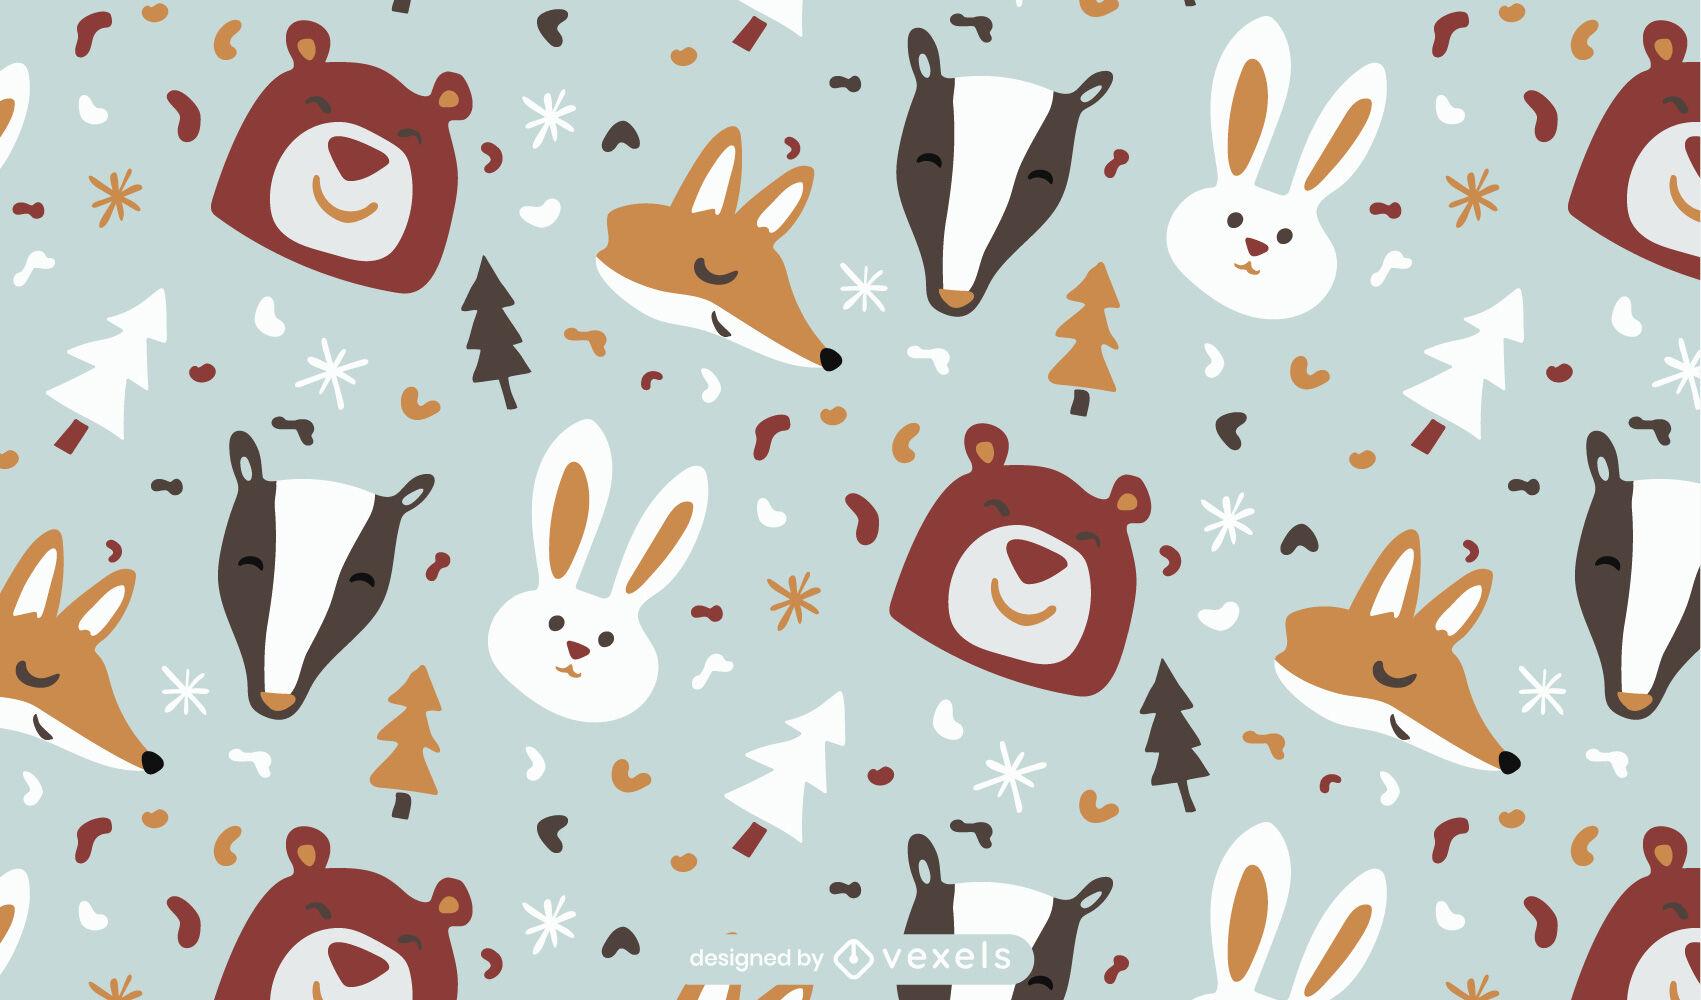 Animales en diseño de patrón plano de invierno